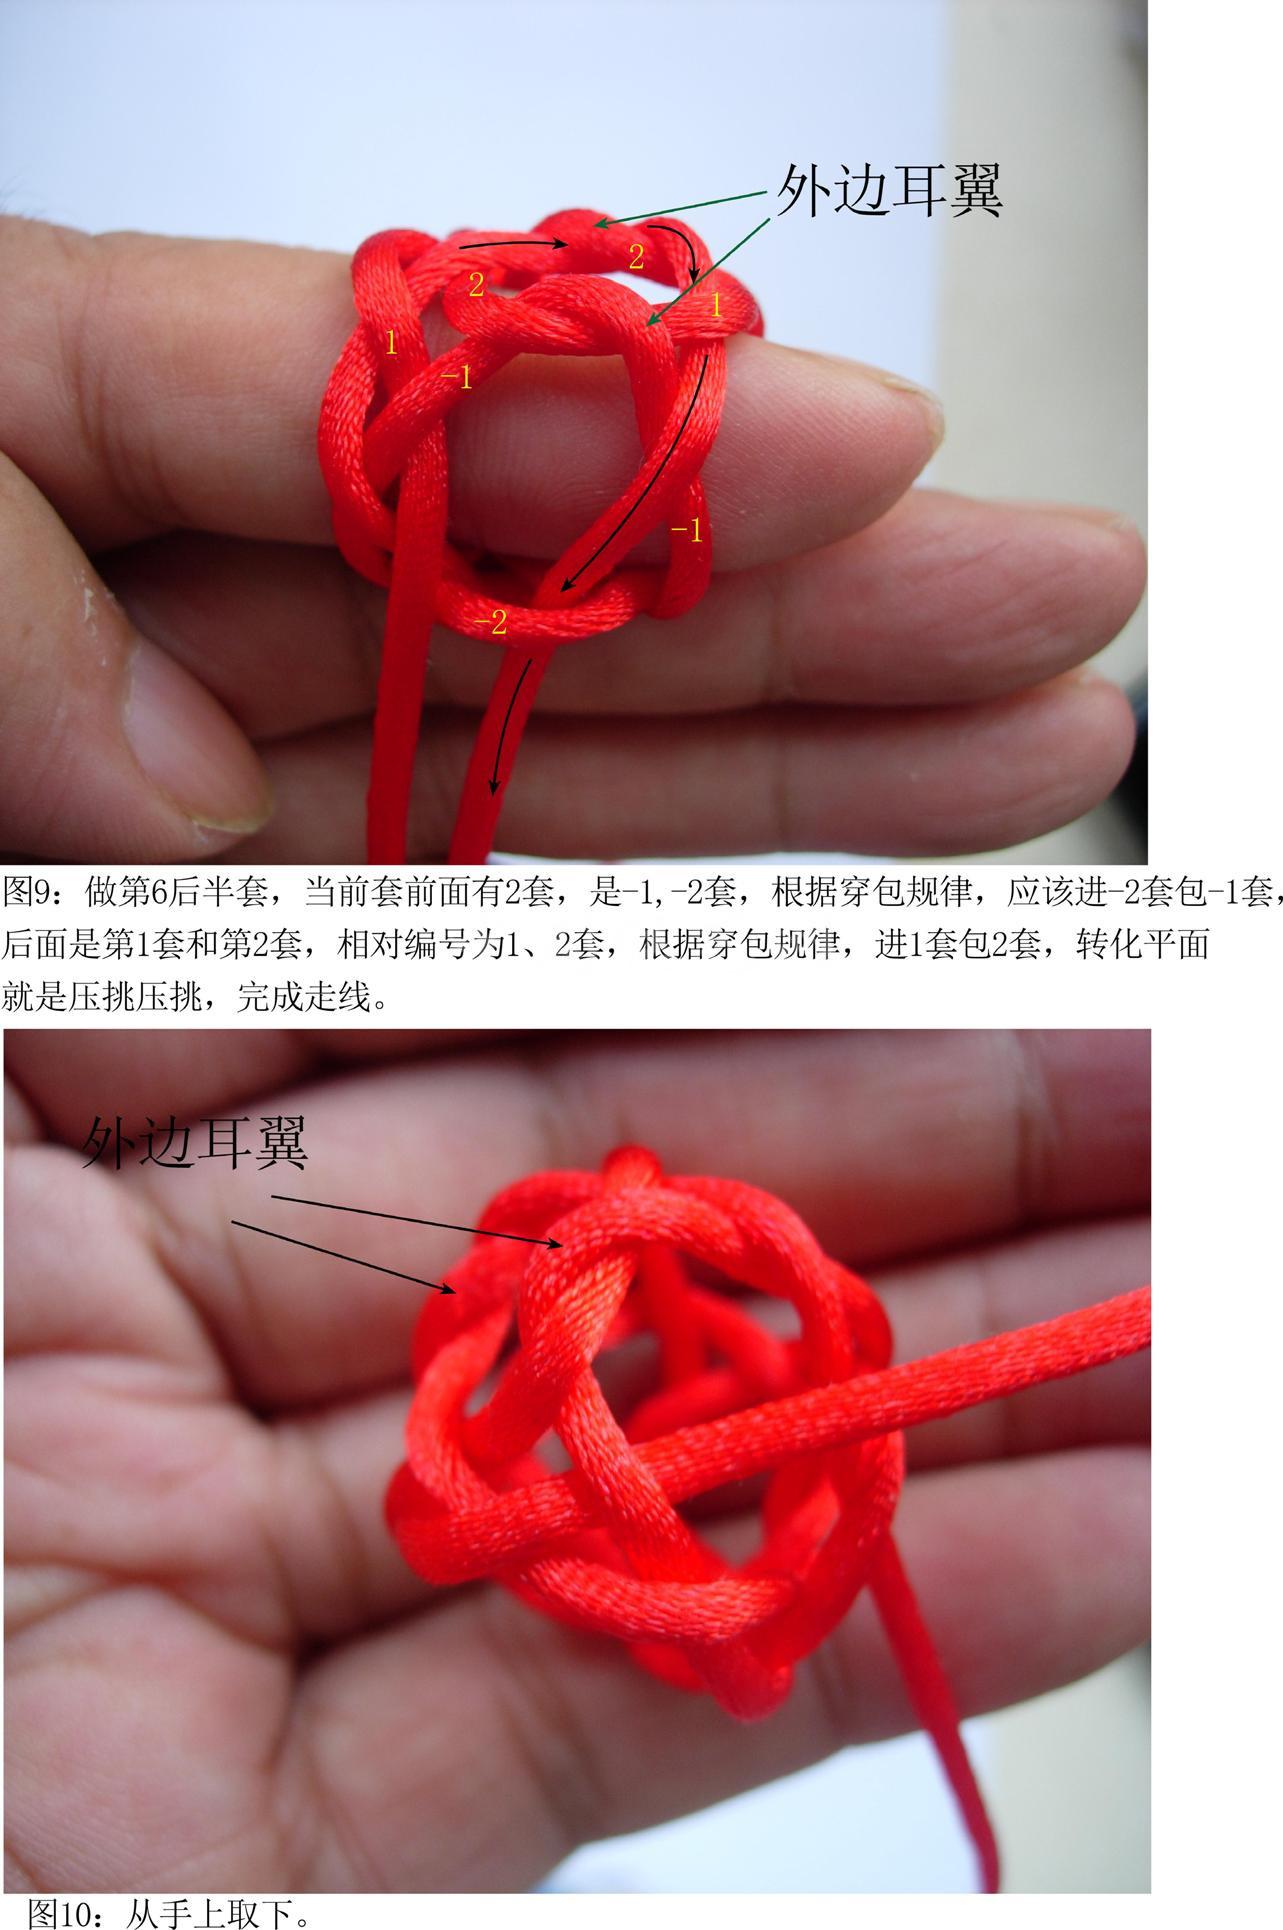 中国结论坛 6套1-1星晨结徒手编结过程  丑丑徒手编结 111352s9gf1lq9n7wzni2q